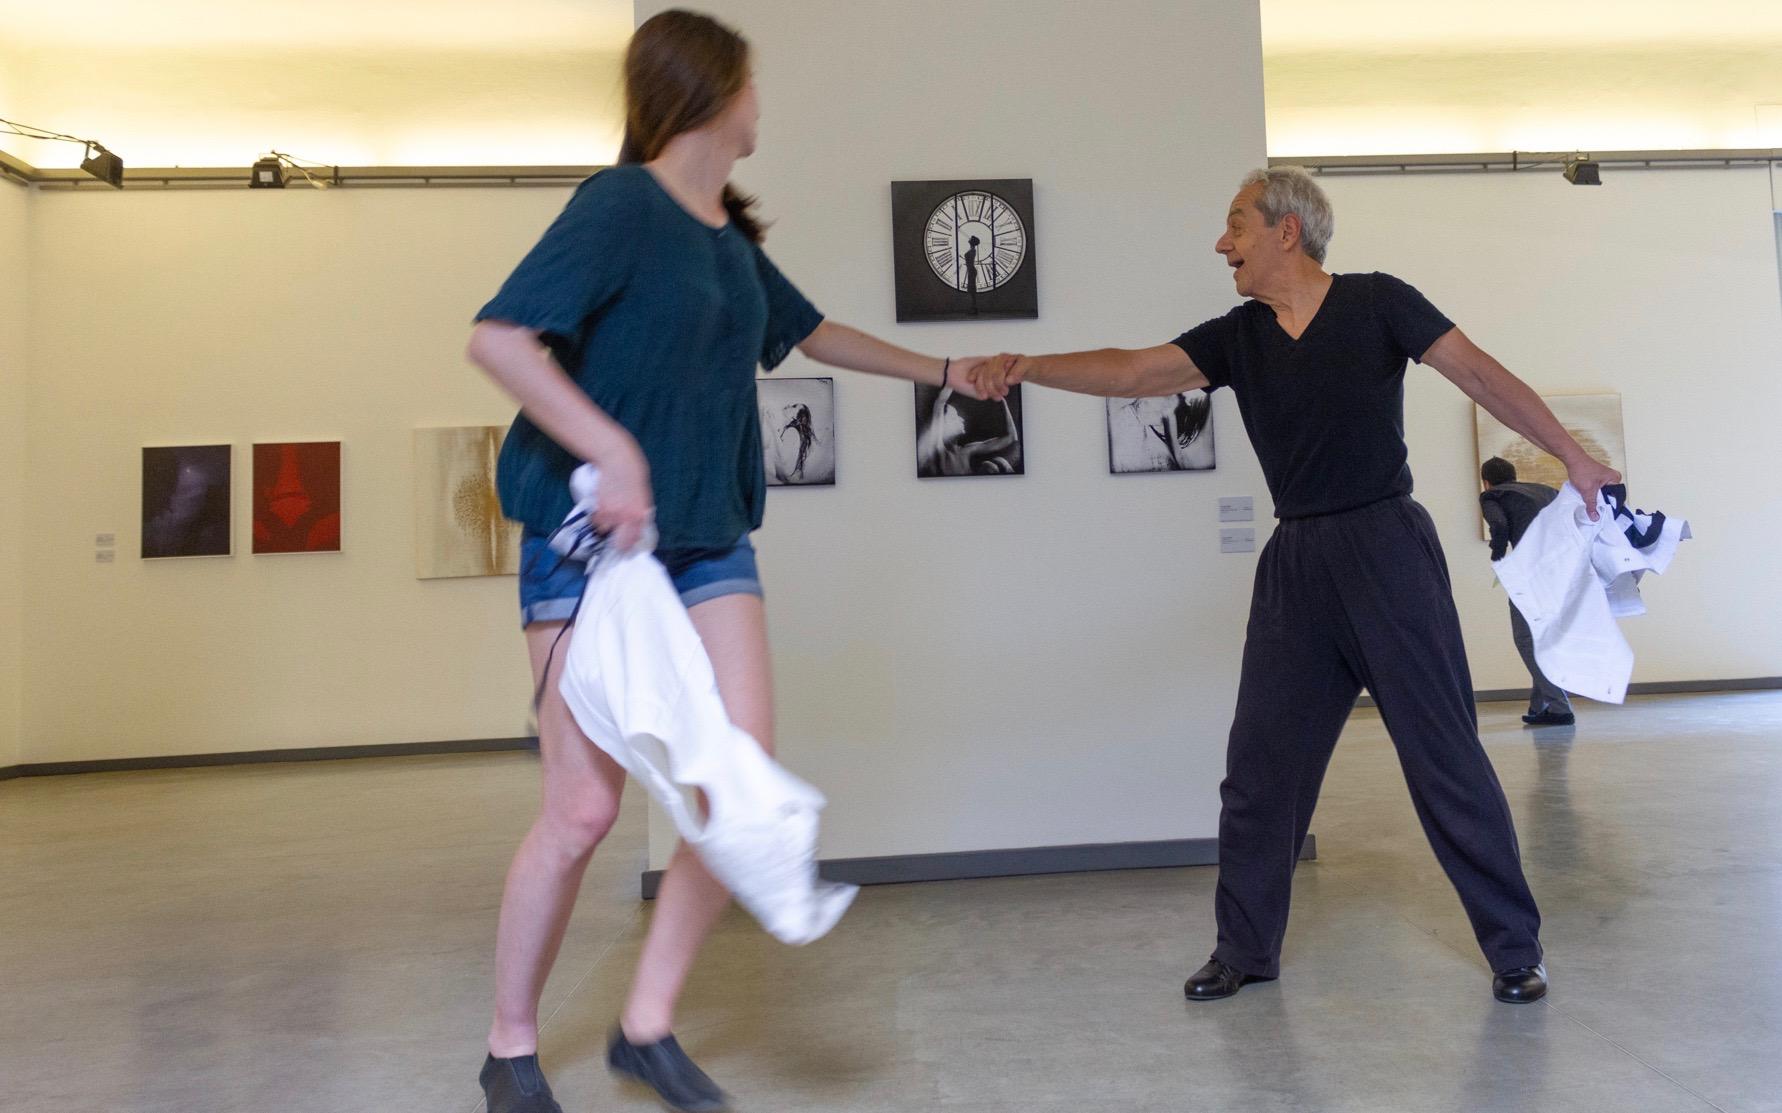 R duo dance off.jpg